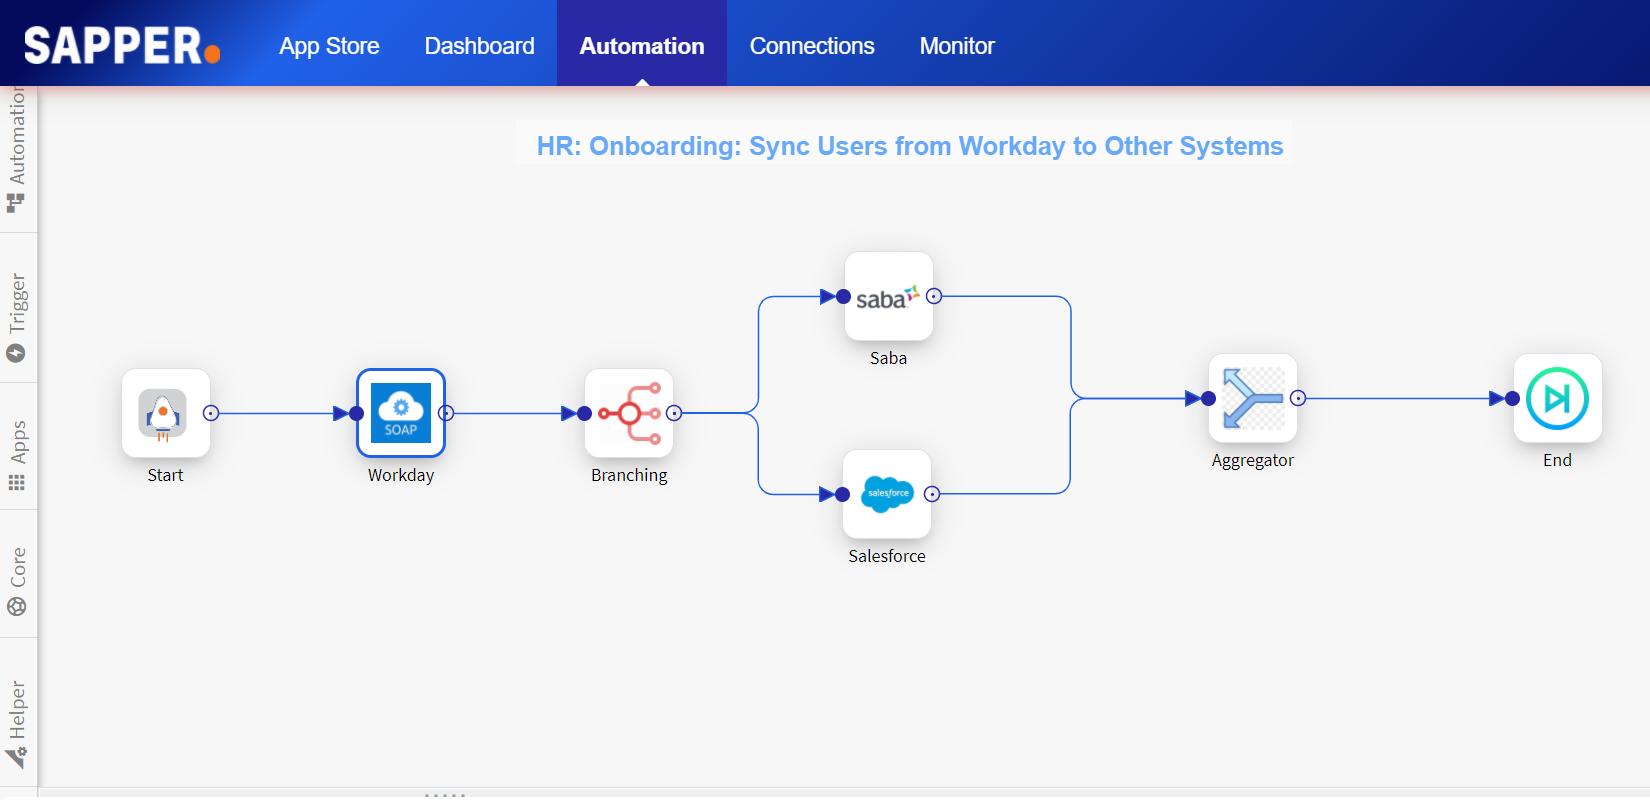 Sapper workflow management